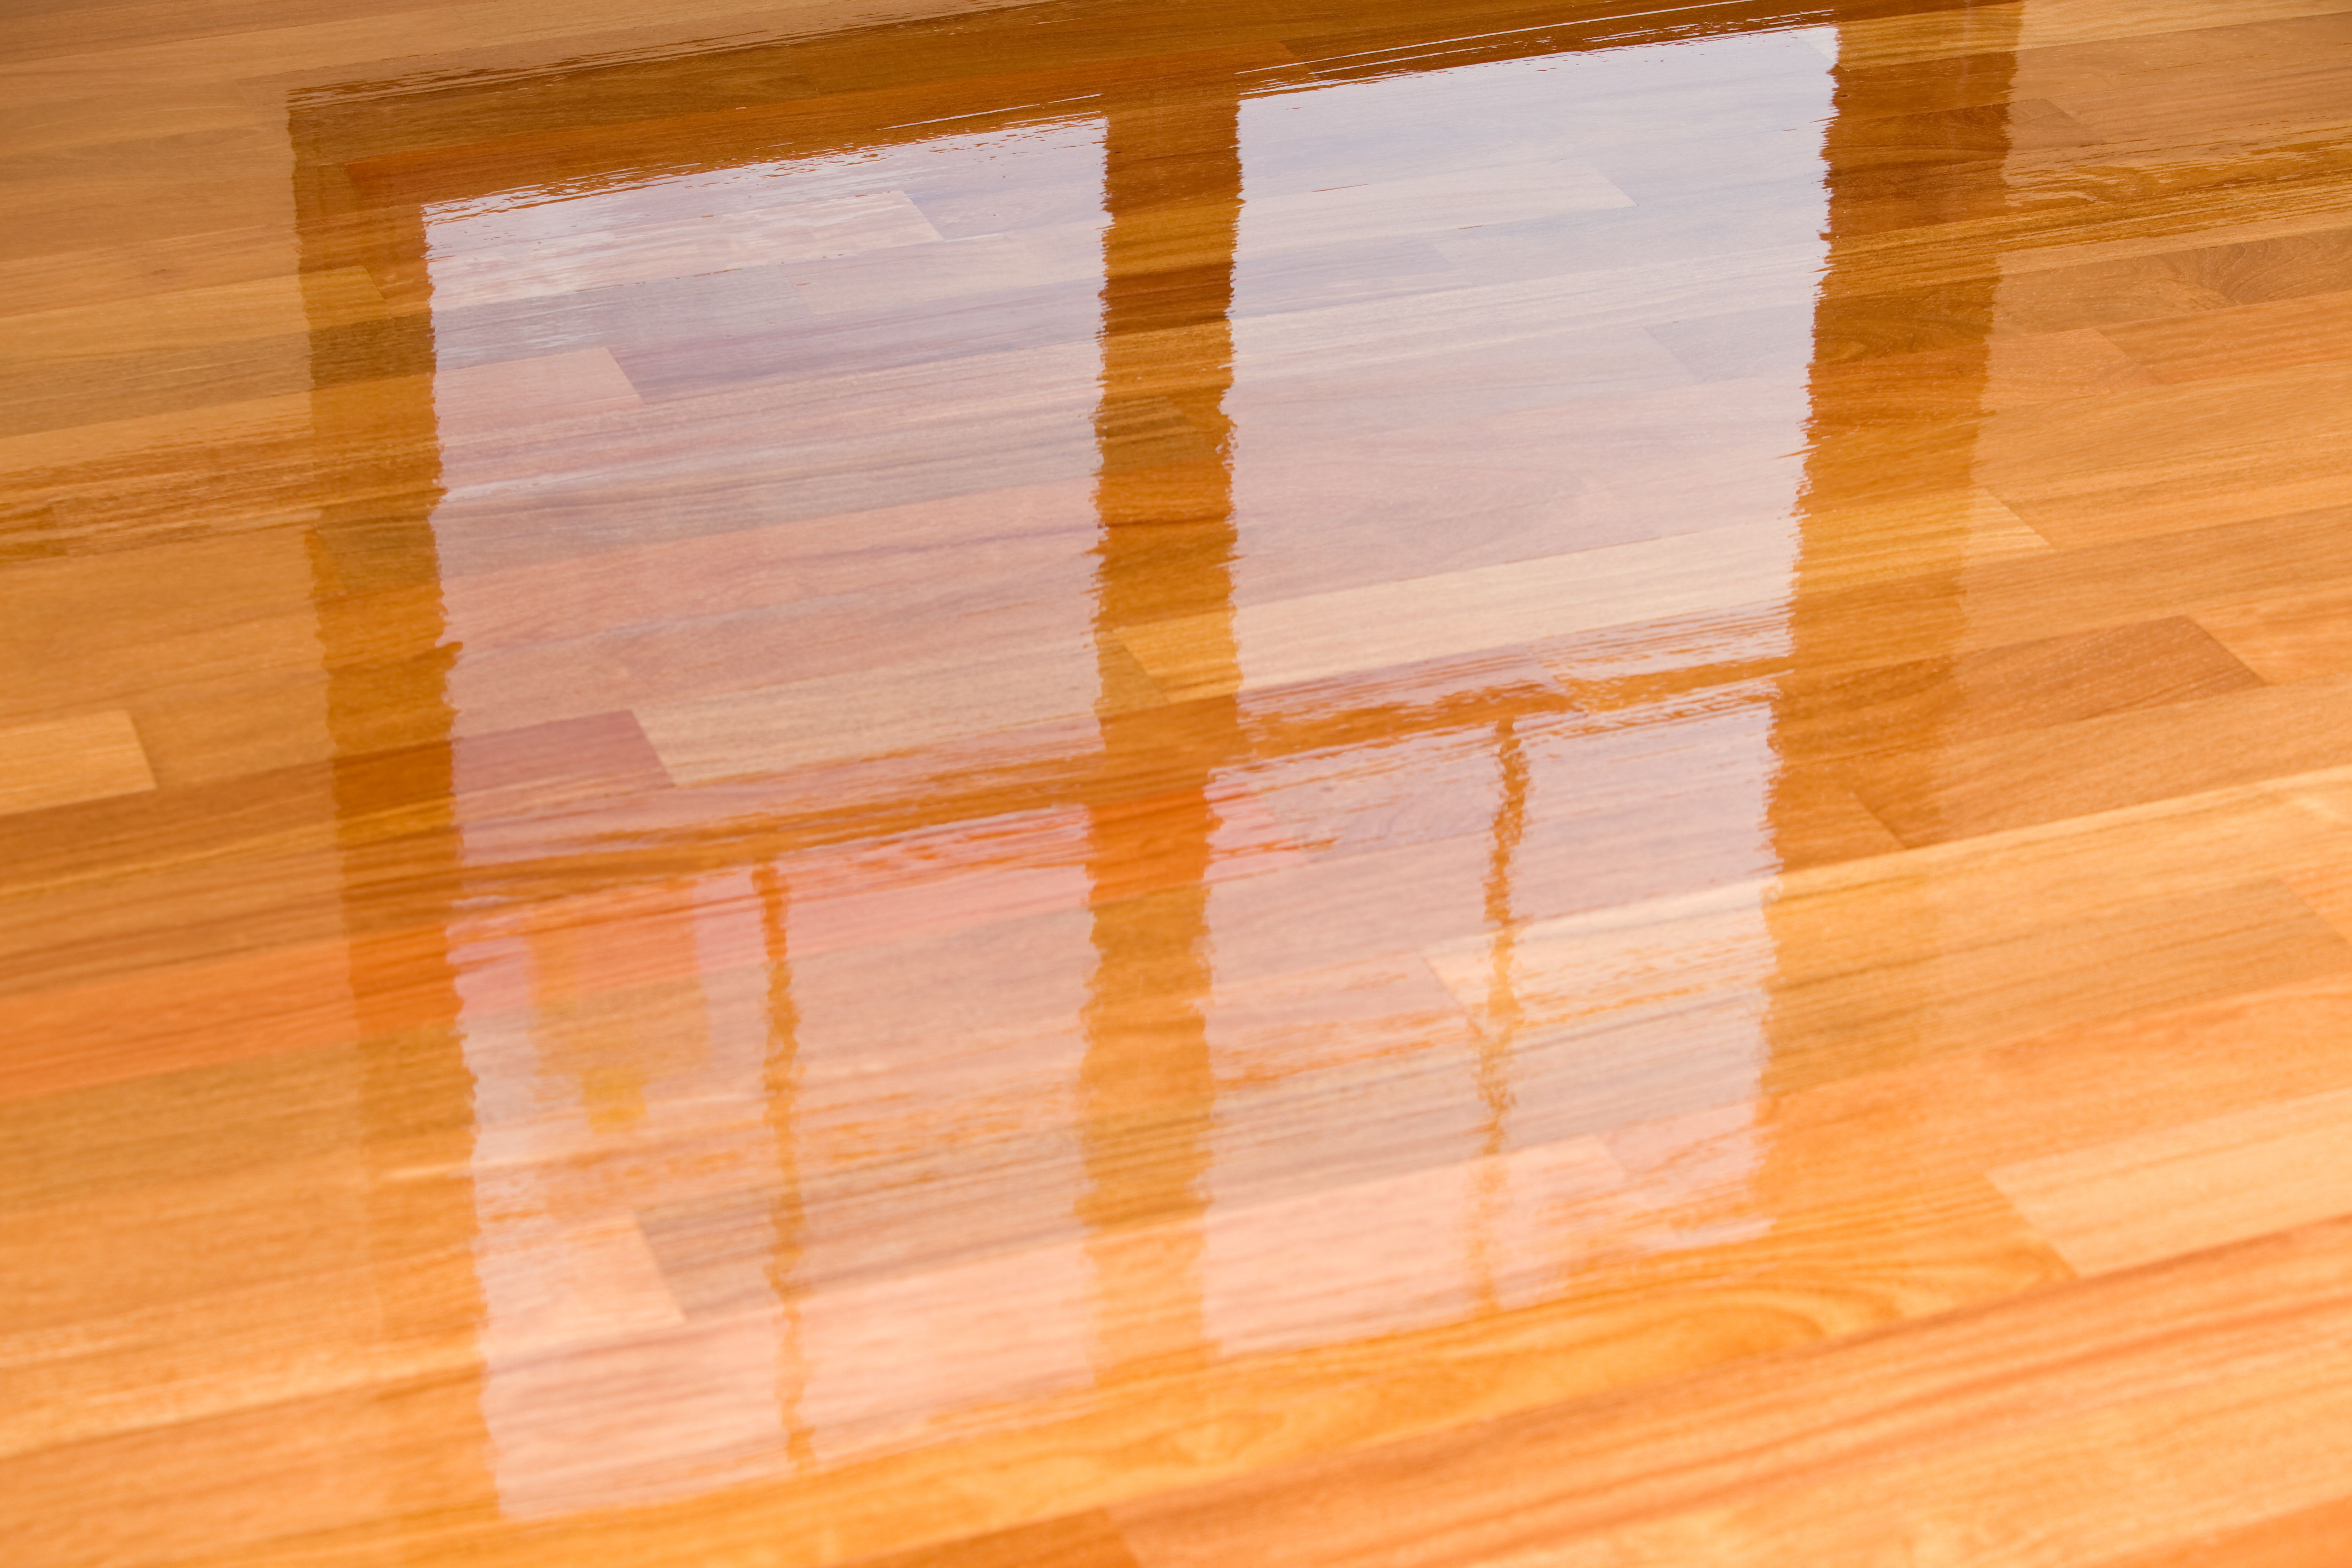 Guide to Laminate Flooring Water and Damage Repair